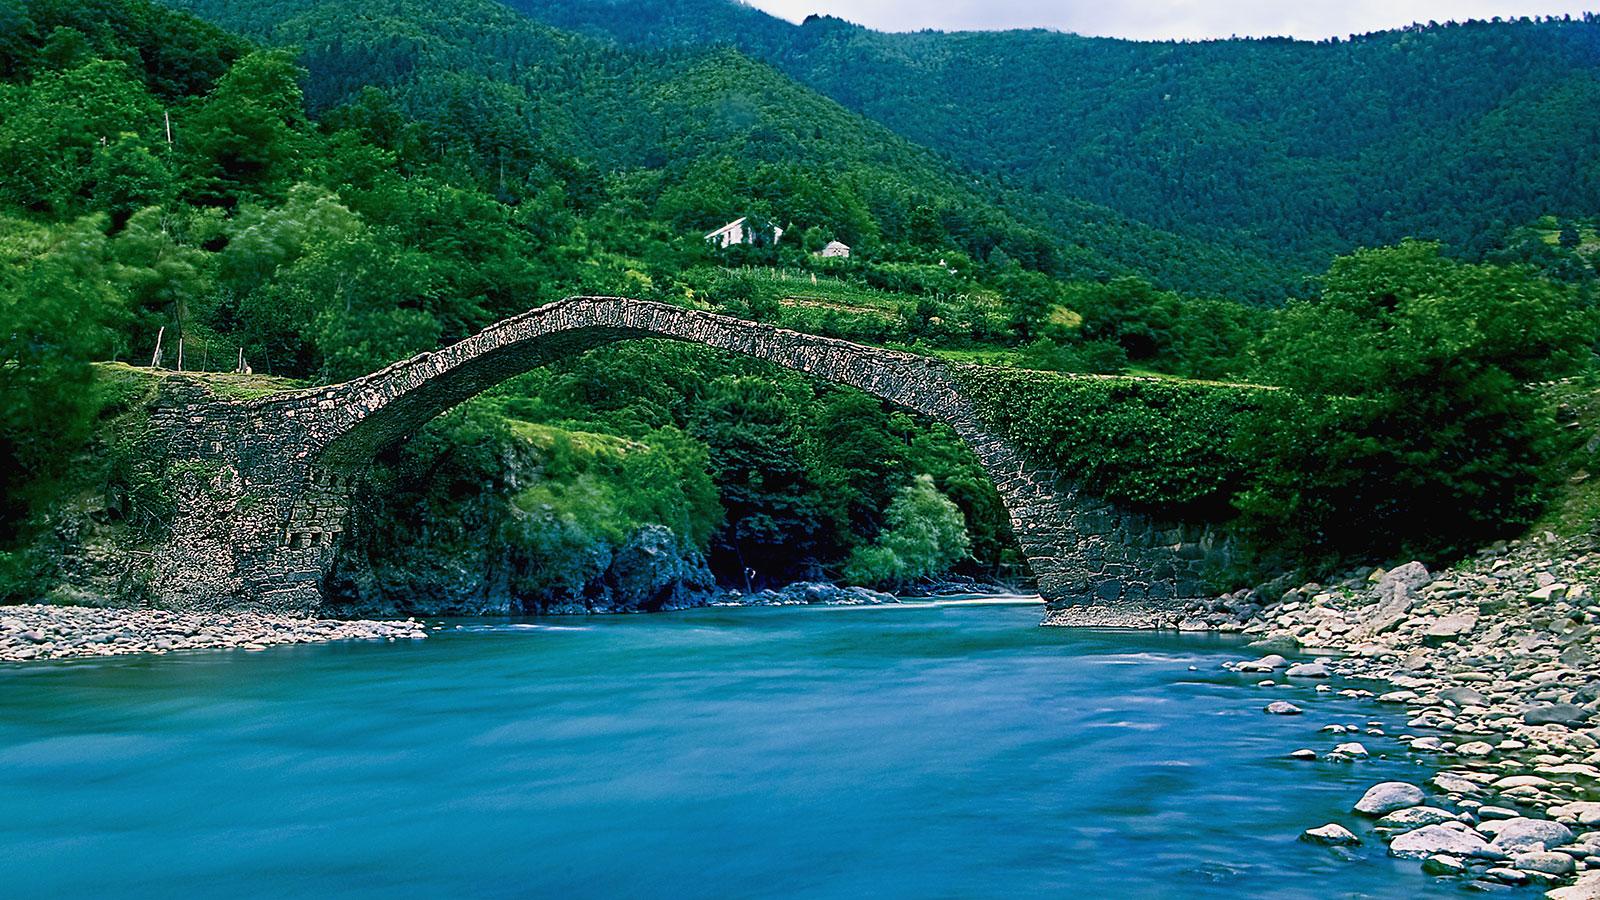 Arkveida tiltiņi